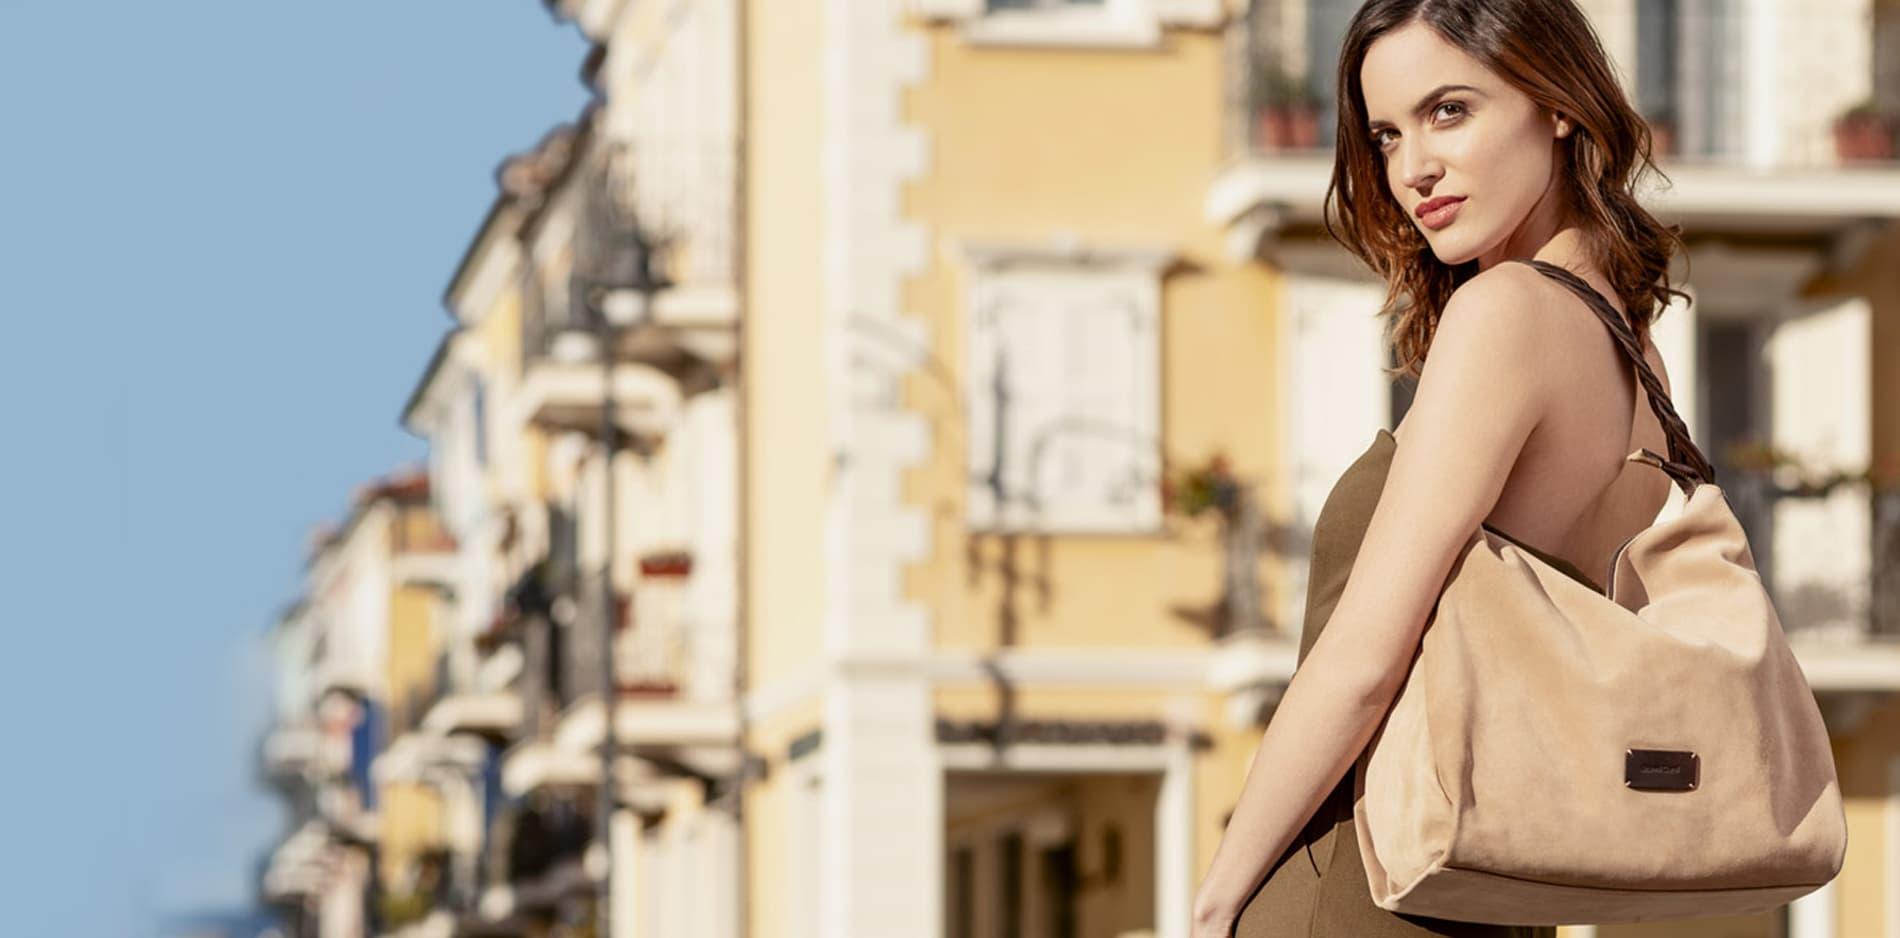 Tại sao phụ nữ thích túi xách